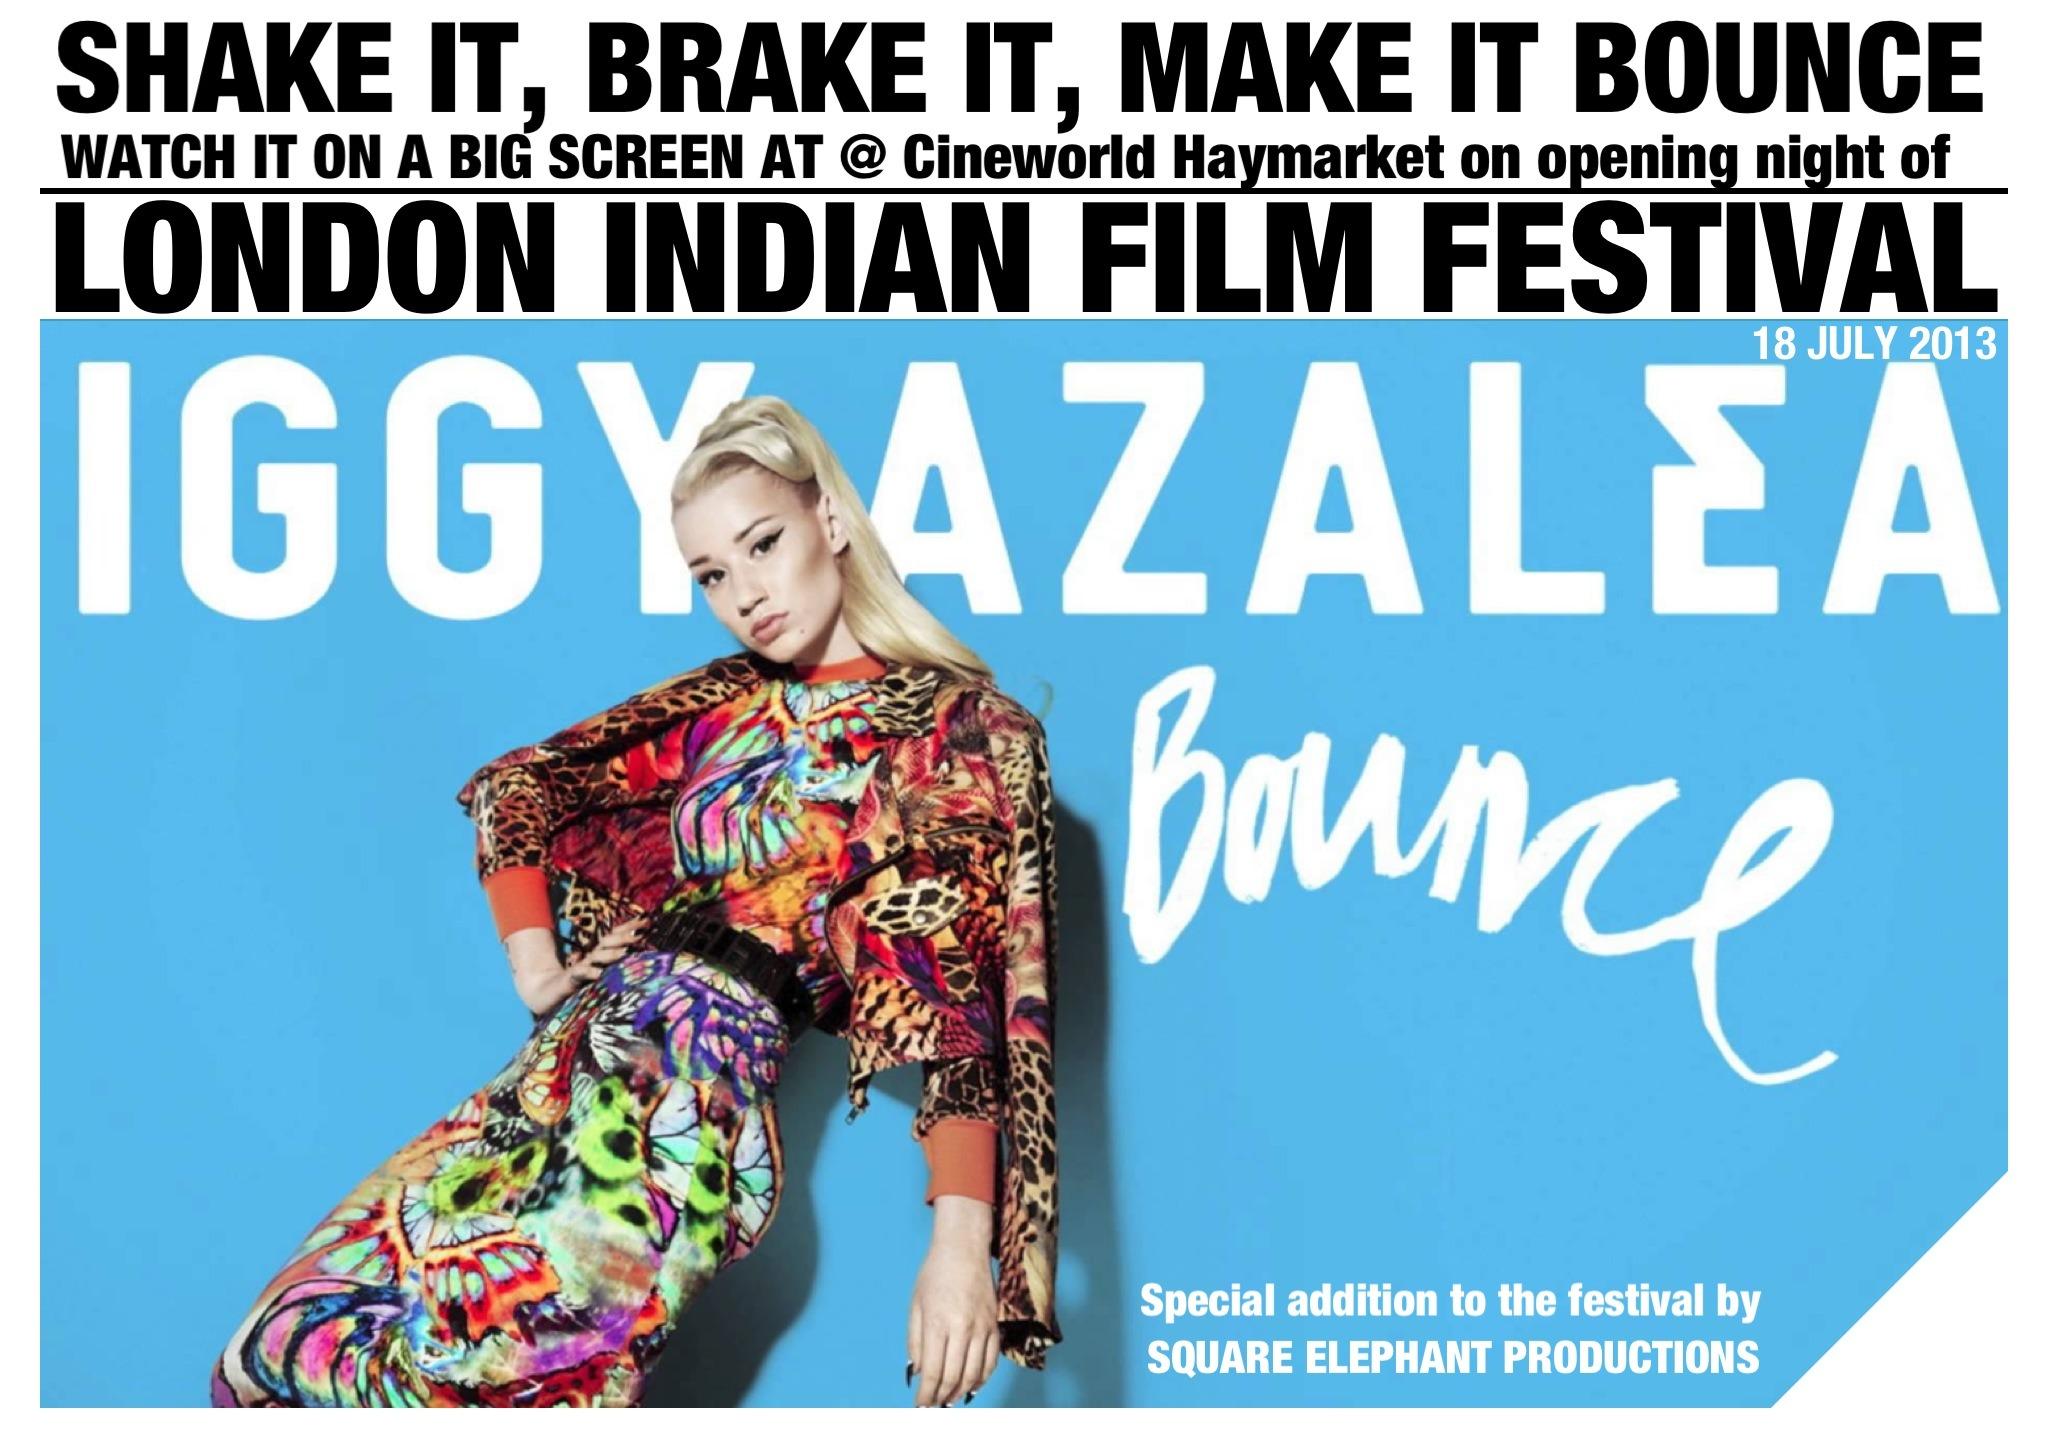 DCP for Iggy Azalea Music Video Bounce